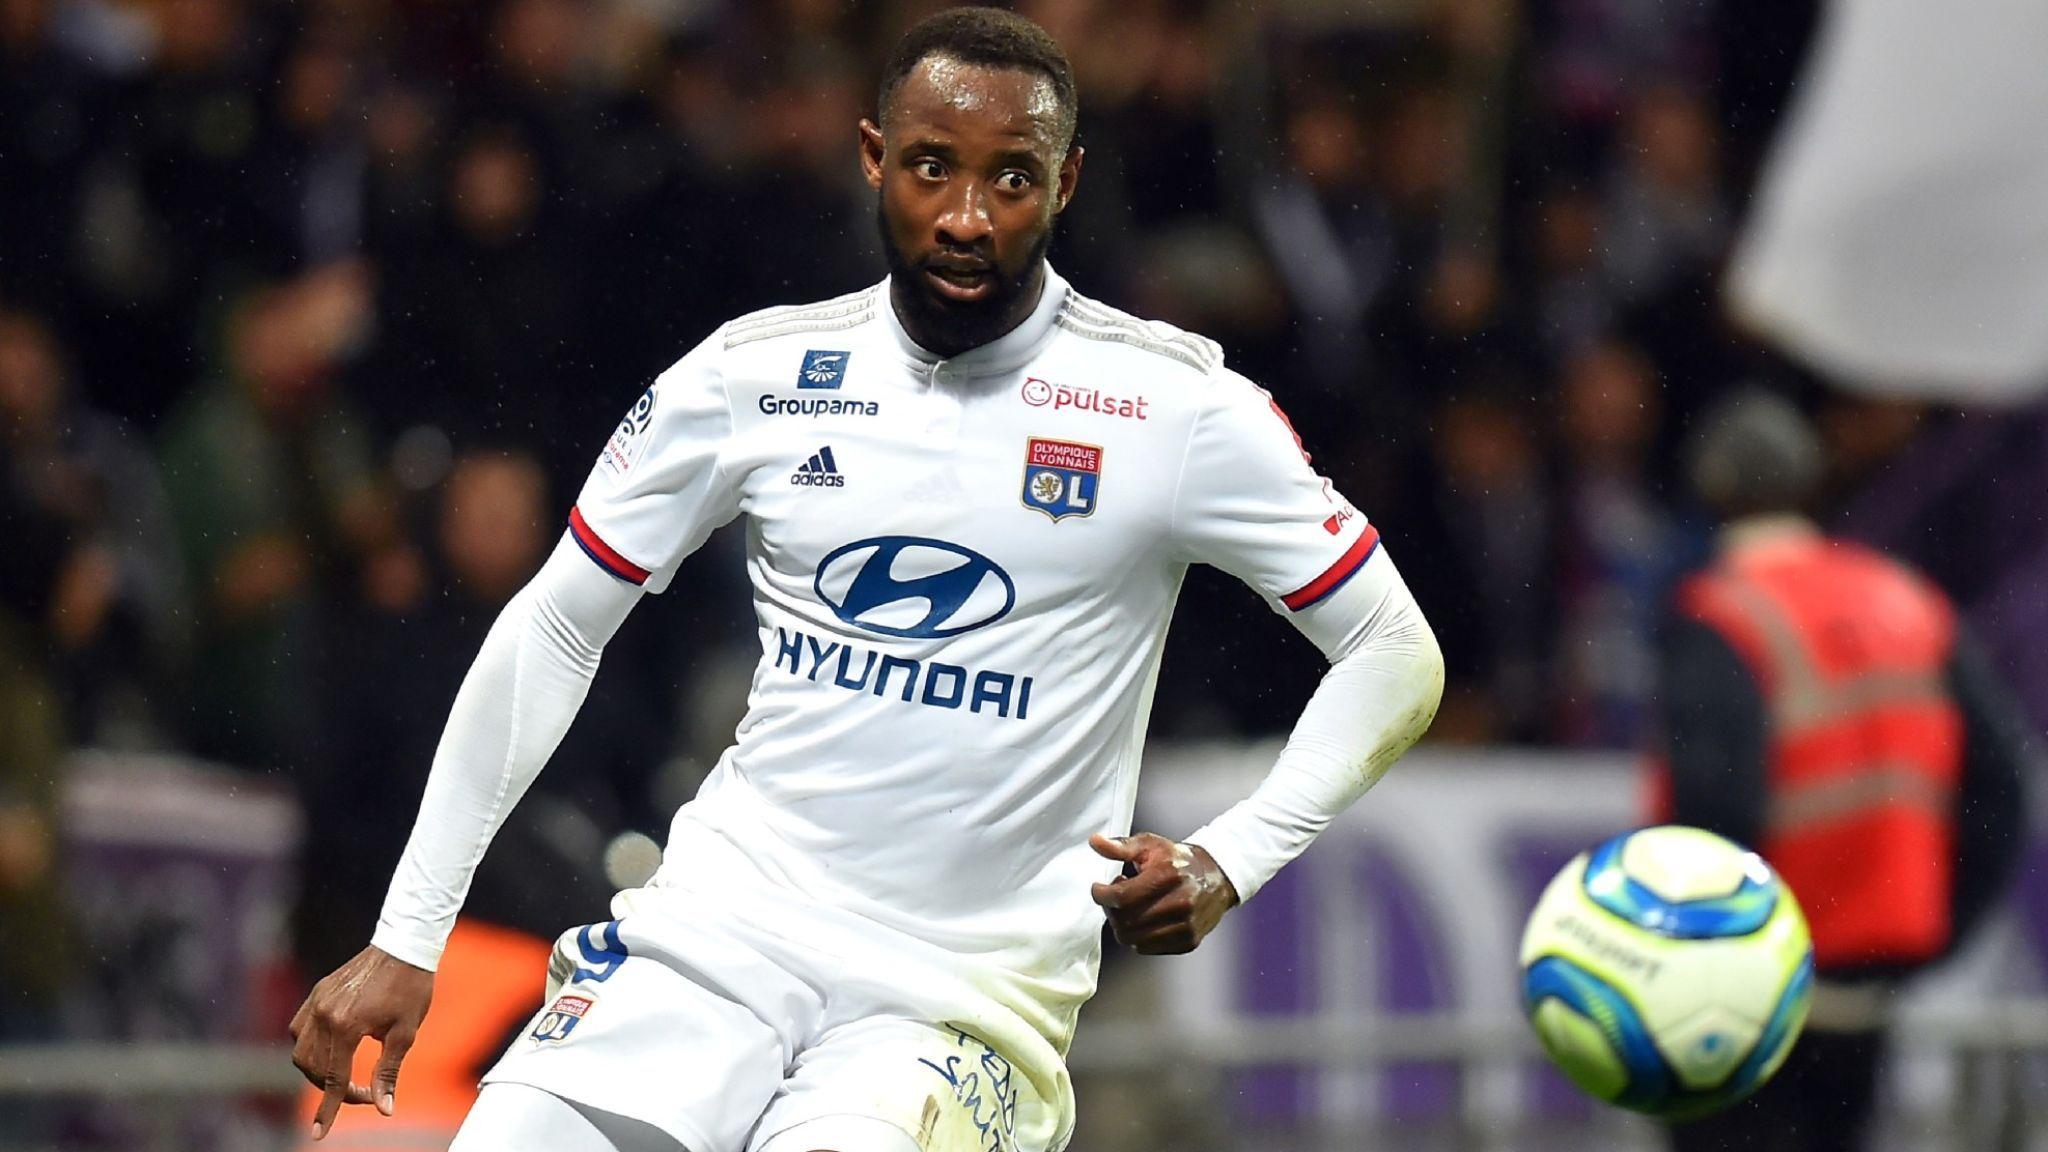 Chelsea target Lyon's Moussa Dembélé to boost Lampard's attacking options - Bóng Đá